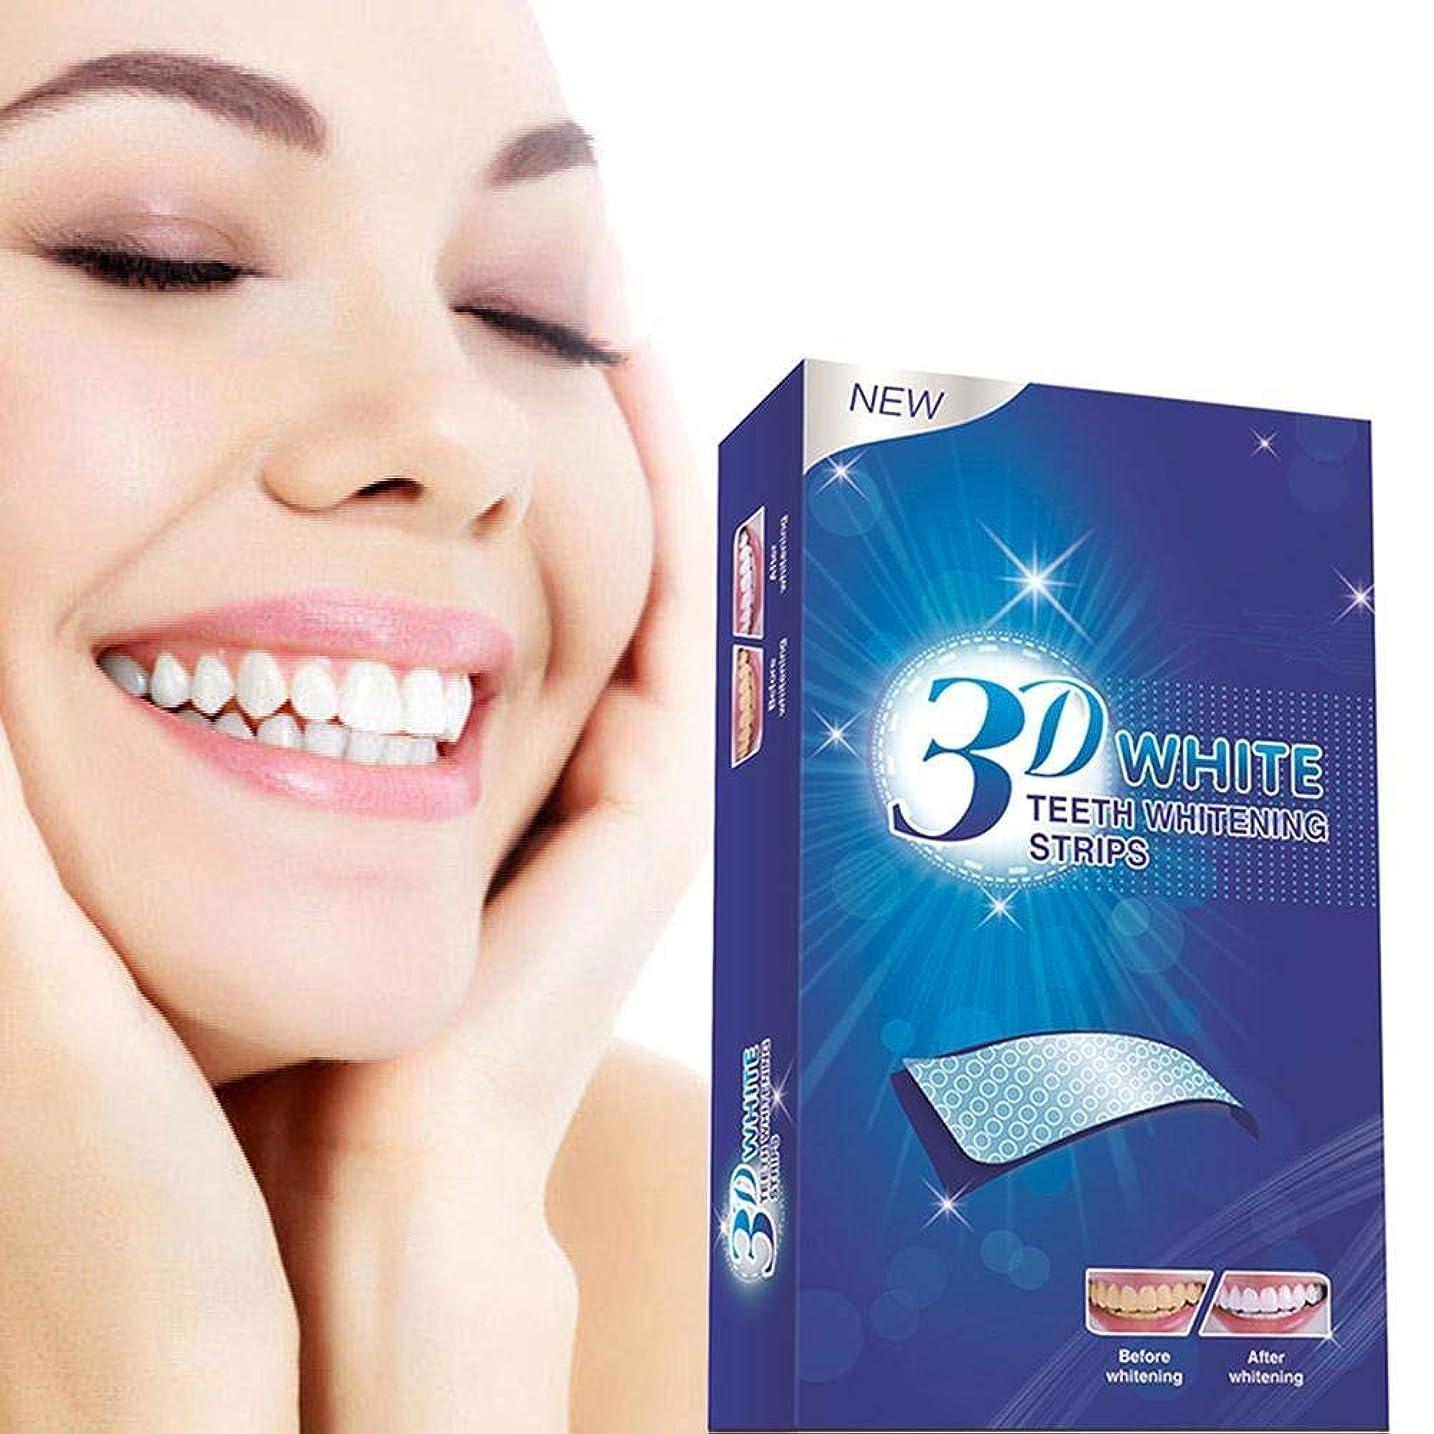 頻繁に砂脱獄歯 マニキュア ホワイトニング 歯を漂白 ホワイトニングテープ 歯美白ホワイトニング 歯ケア テープ 歯ケア 歯のホワイトニング 美白歯磨き (14枚)